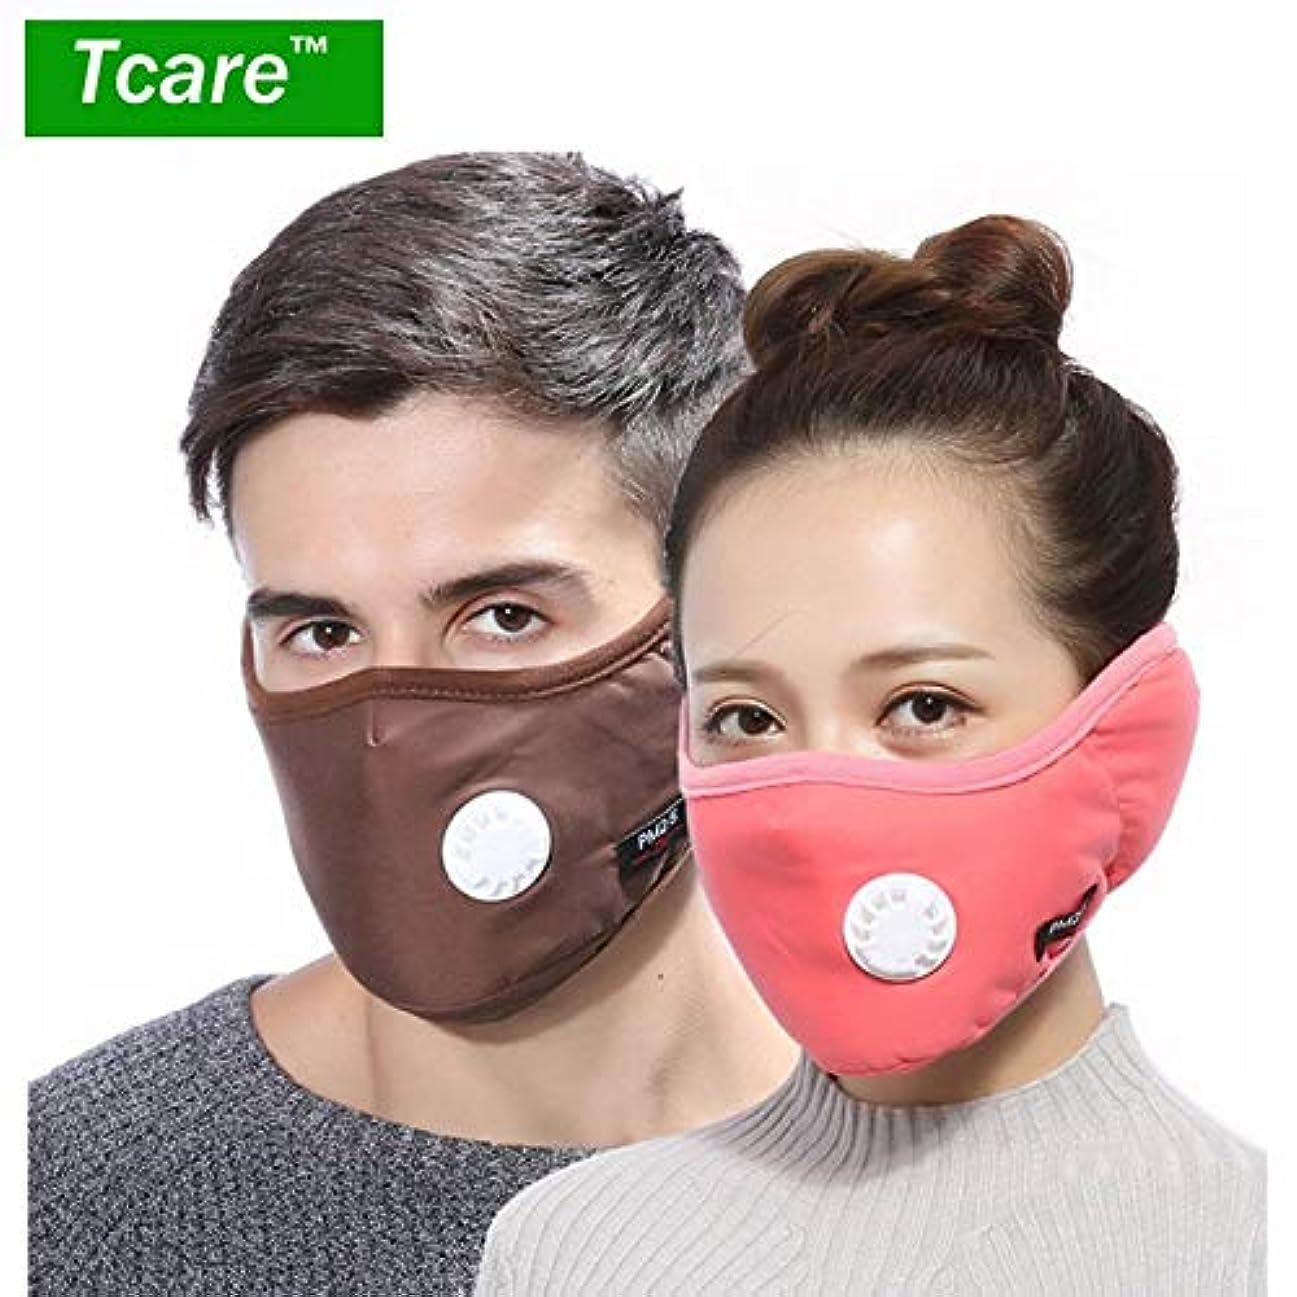 斧りんご革新4レッド:1 PM2.5マスクバルブコットンアンチダスト口マスクの冬のイヤーマフActtedフィルター付マスクでTcare 2